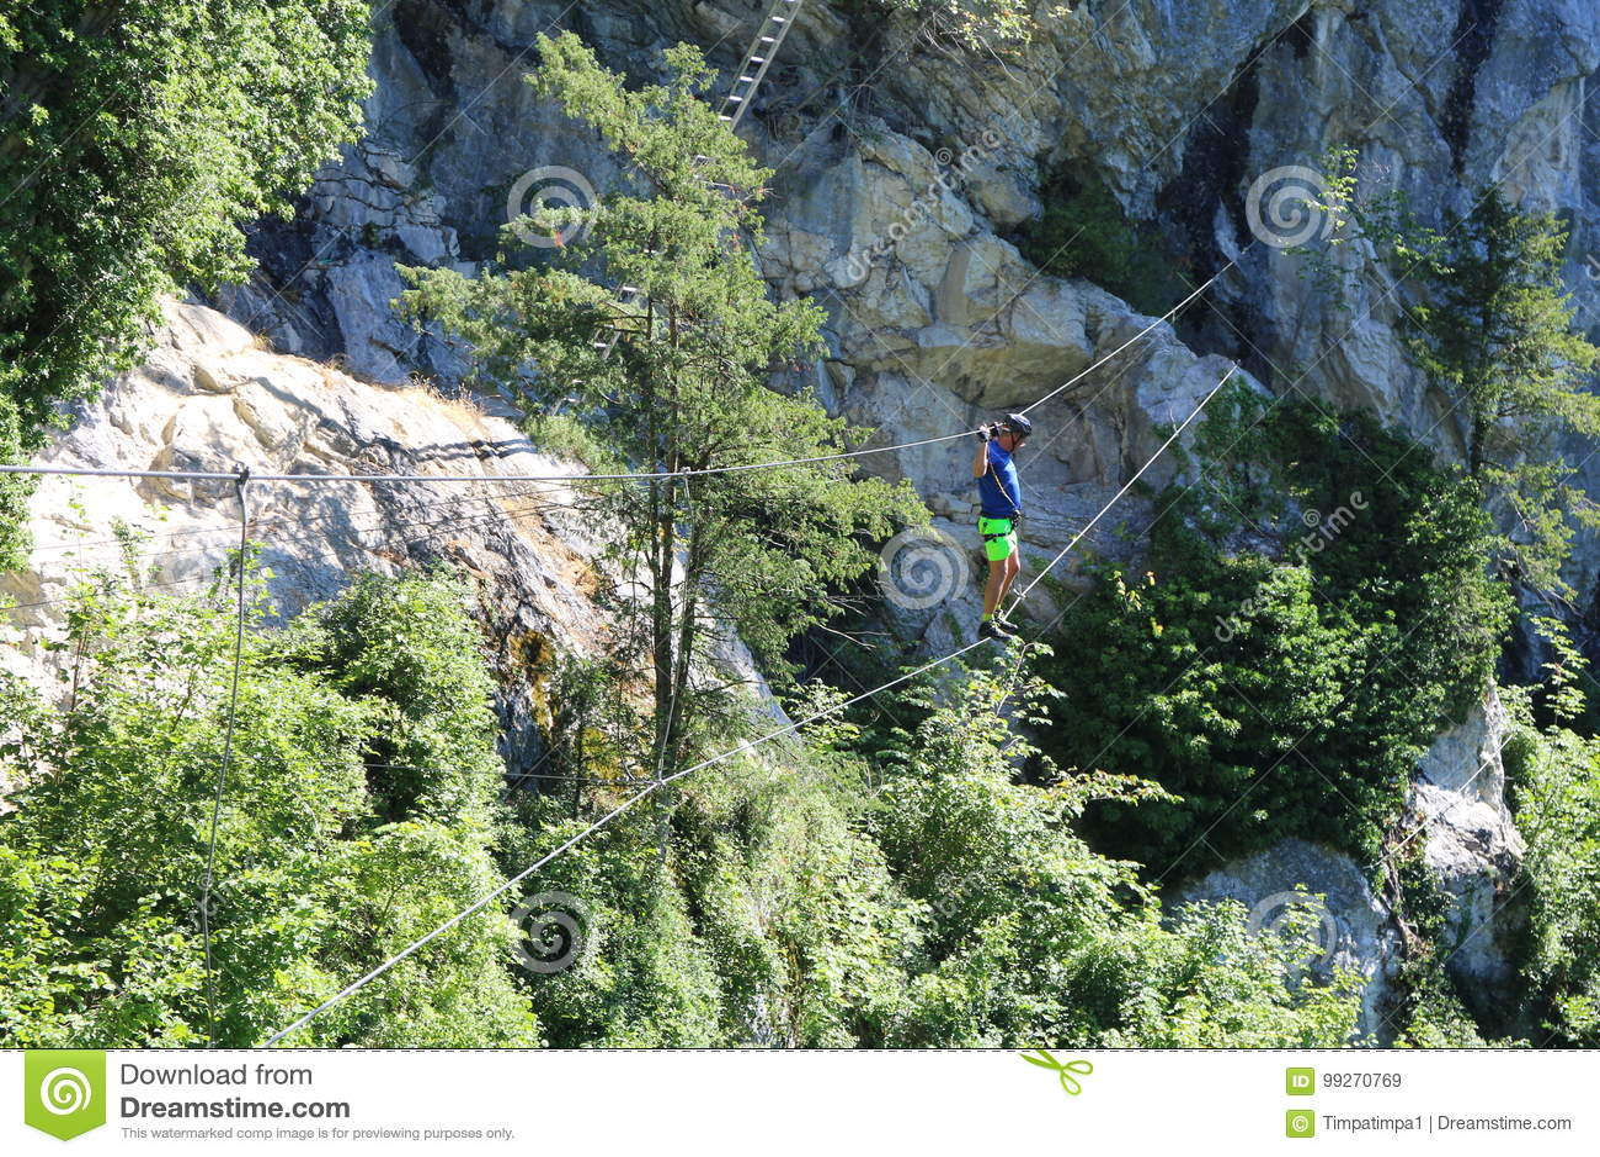 Klettergurt Gelbox : Klettersteig leiter: klettersteige gardasee dav sektion weiden.